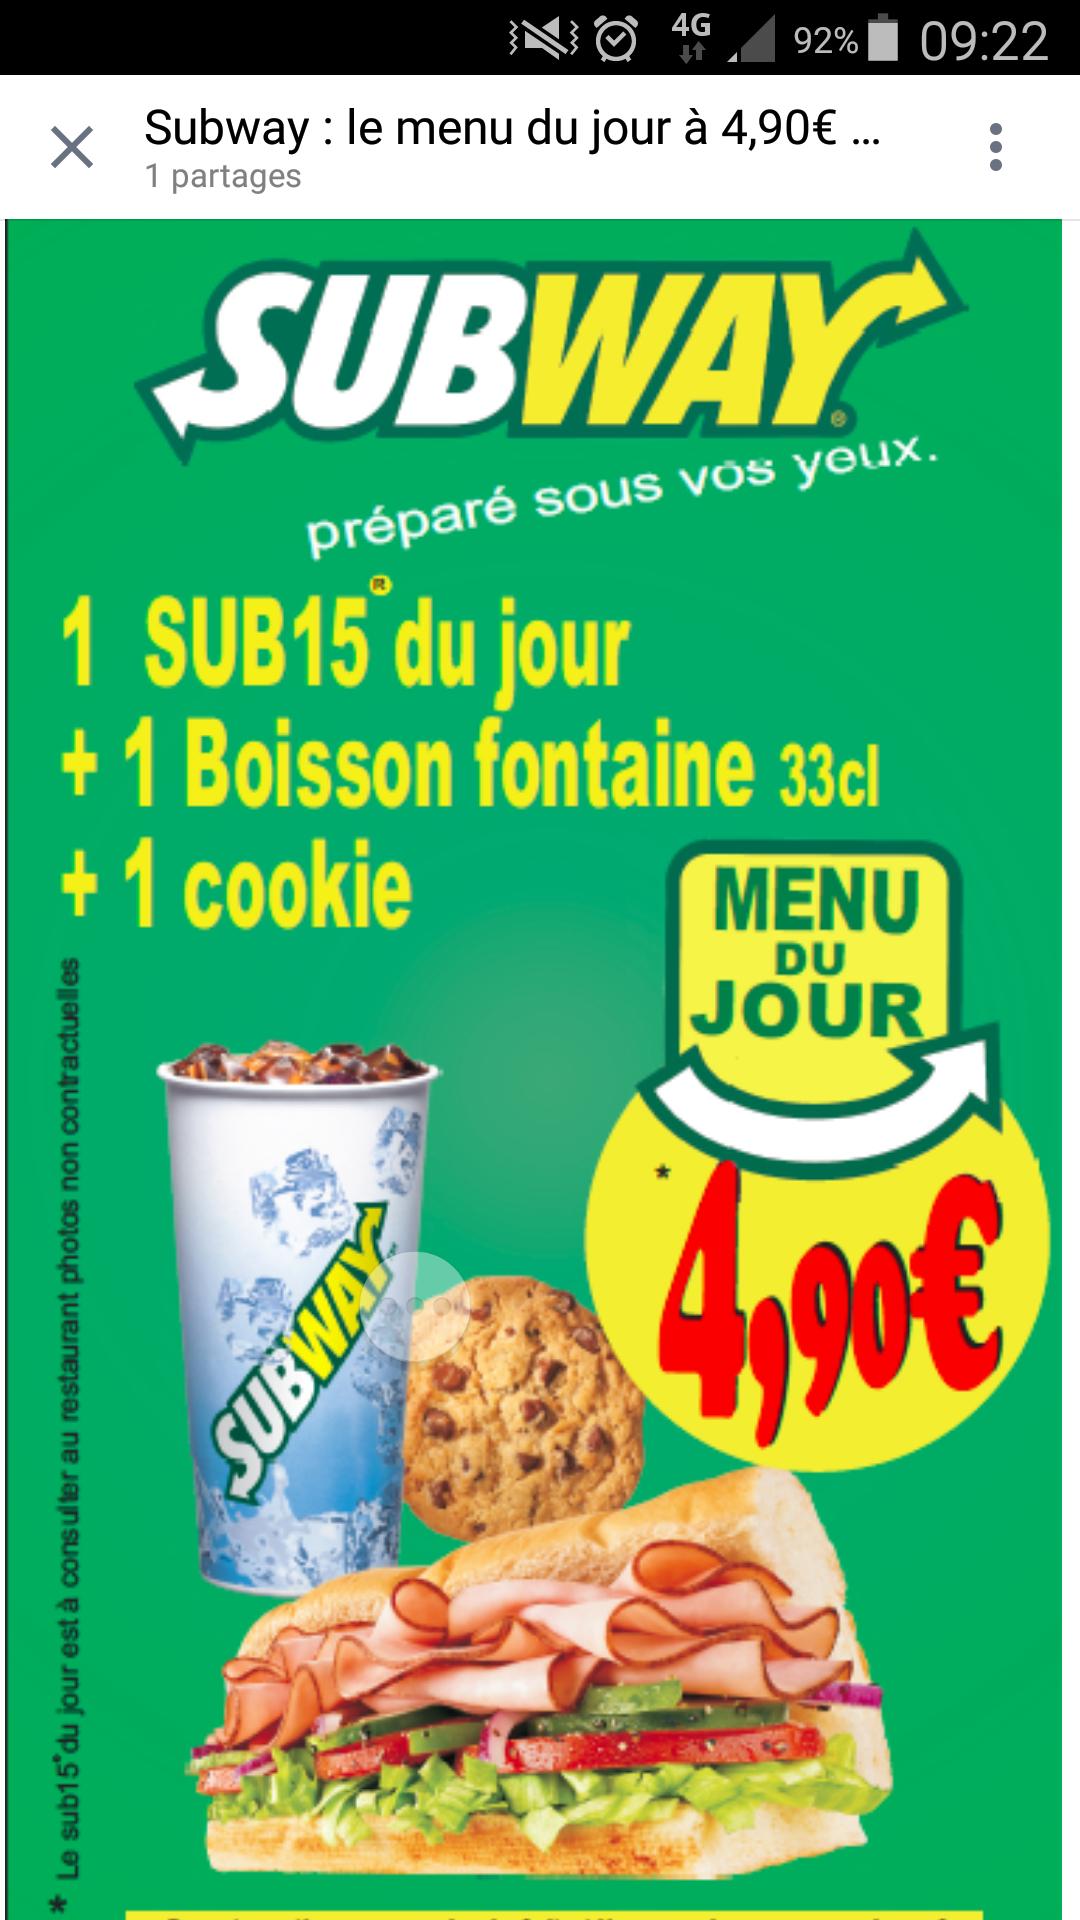 Menu du jour Subway : Un sub15 + Une boisson 33cl + 1 cookie